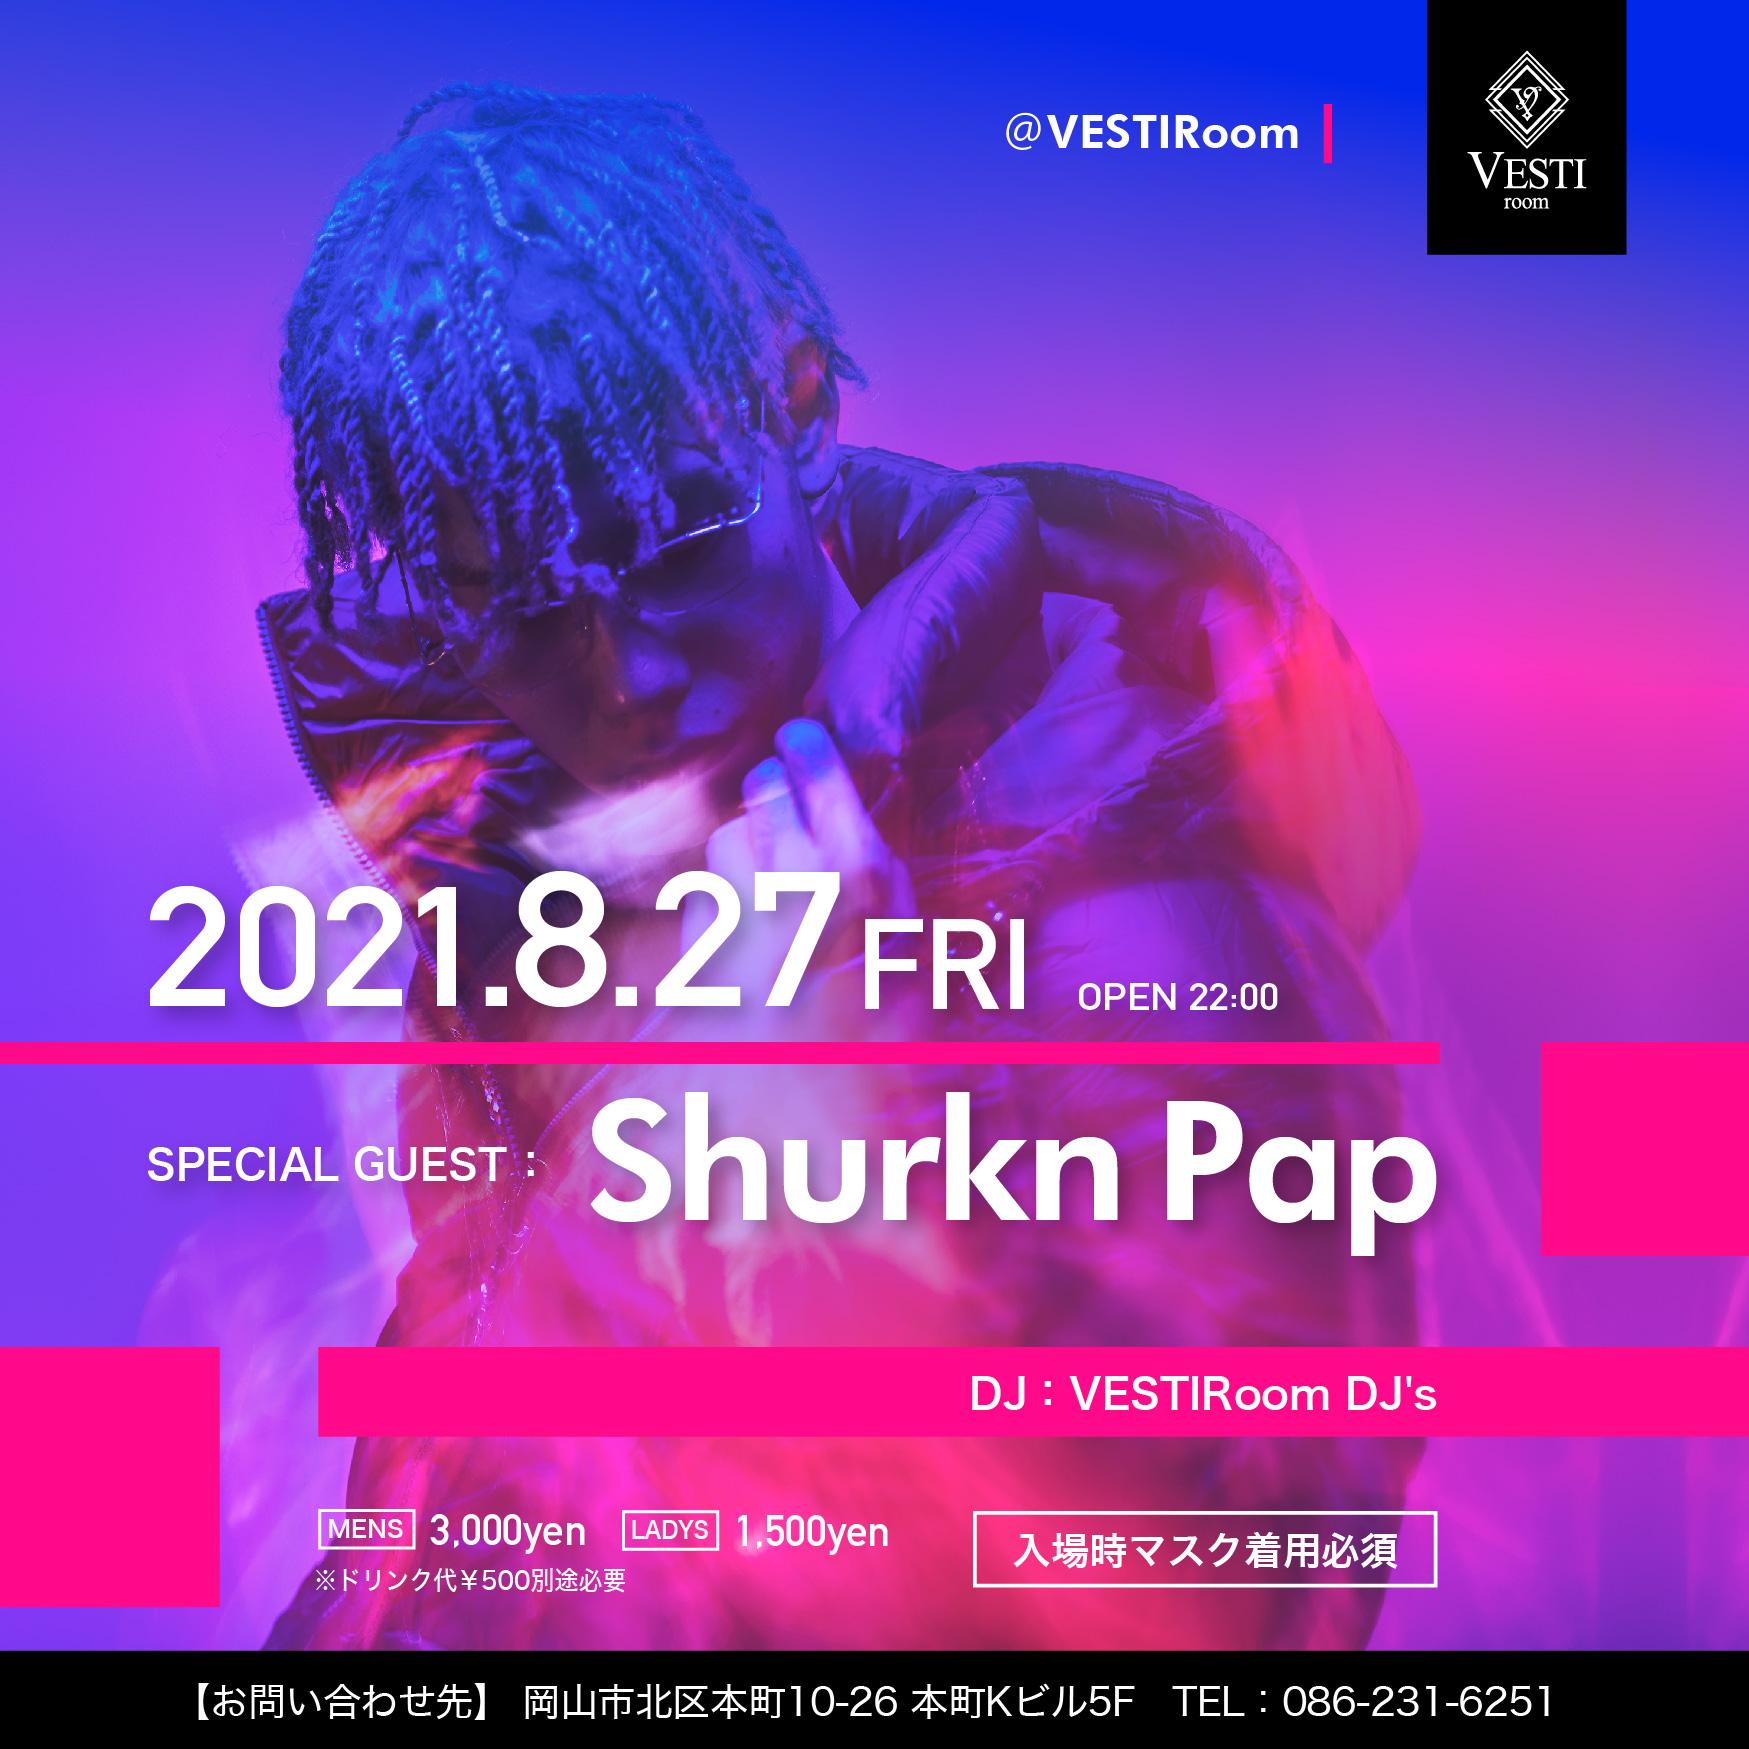 Special Guest : Shurken Pap